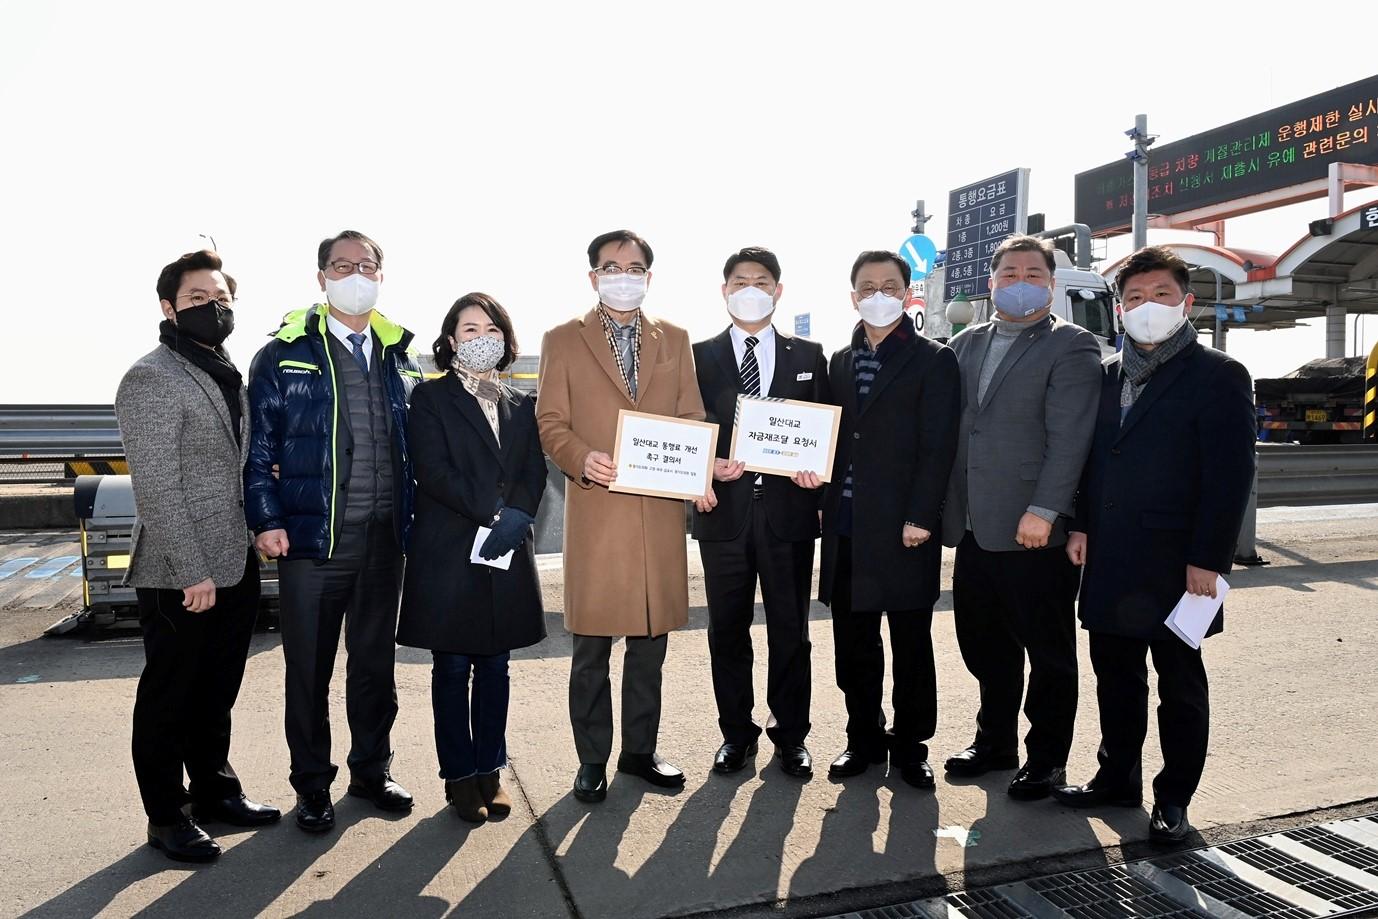 경기도·도의회, 일산대교㈜에 자금재조달 공식 요청‥통행료 협상 개시 '신호탄'